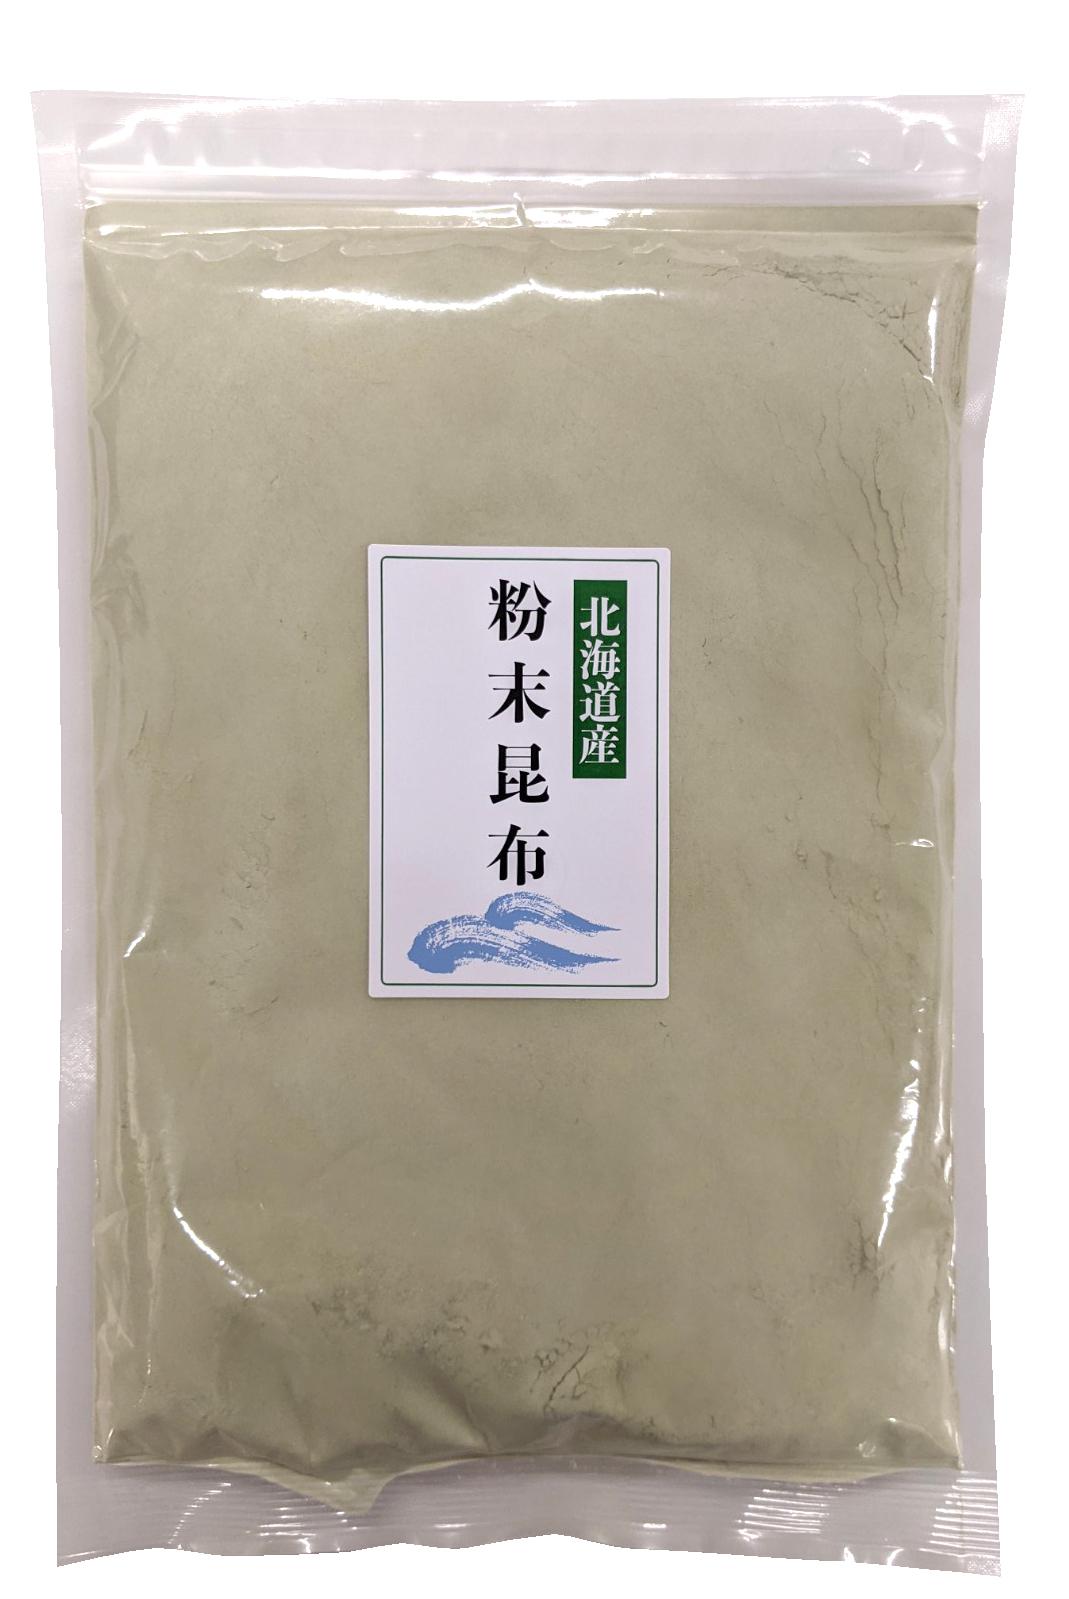 粉末昆布(北海道産) 500g